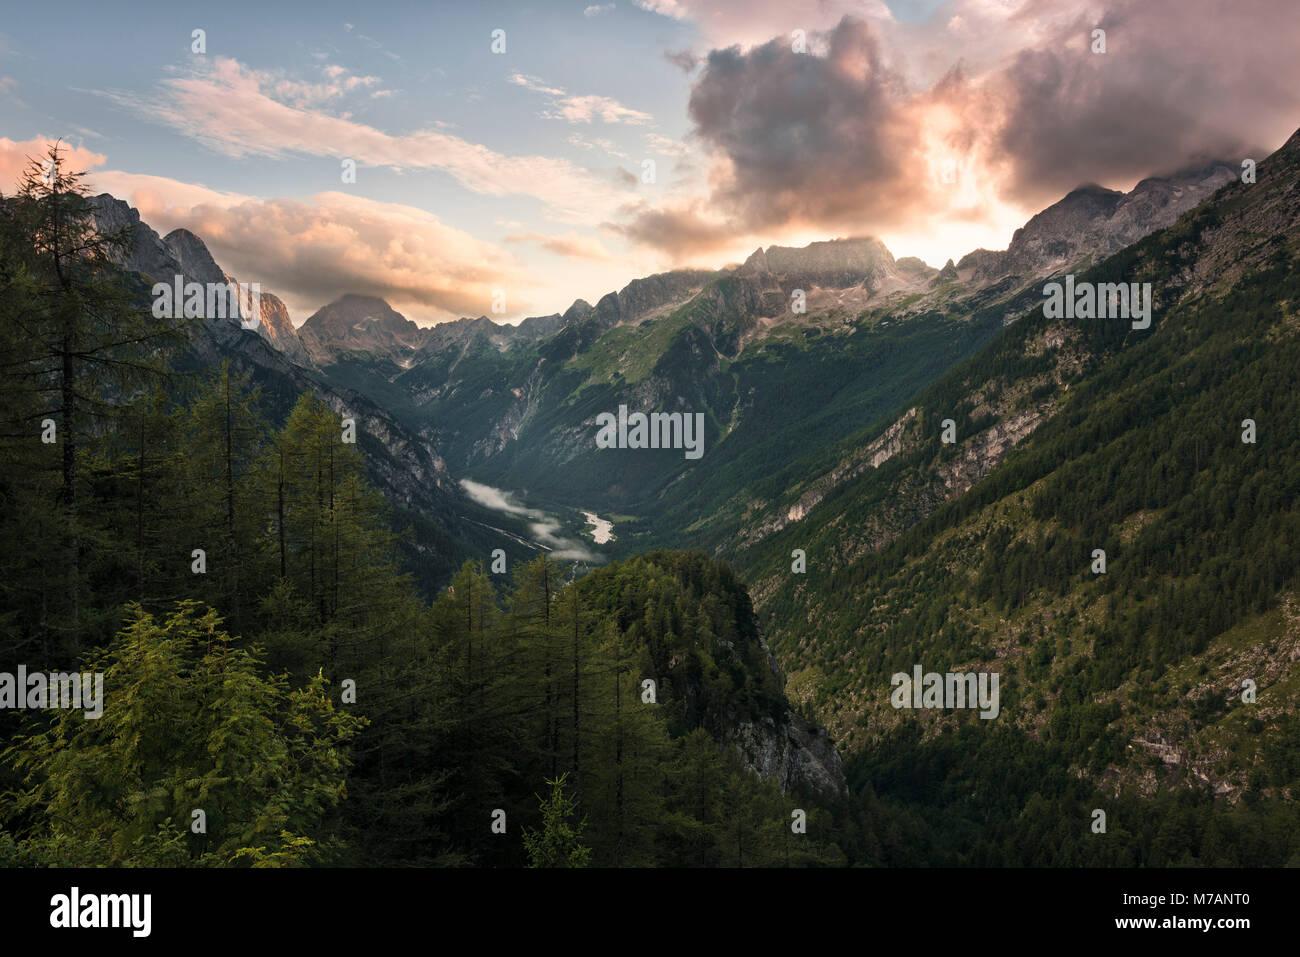 View into the Soca Valley in the Triglav National Park, peaks of Bavski Grintavec, Veliki Jelenc, Pelc Nad Klonicami Stock Photo